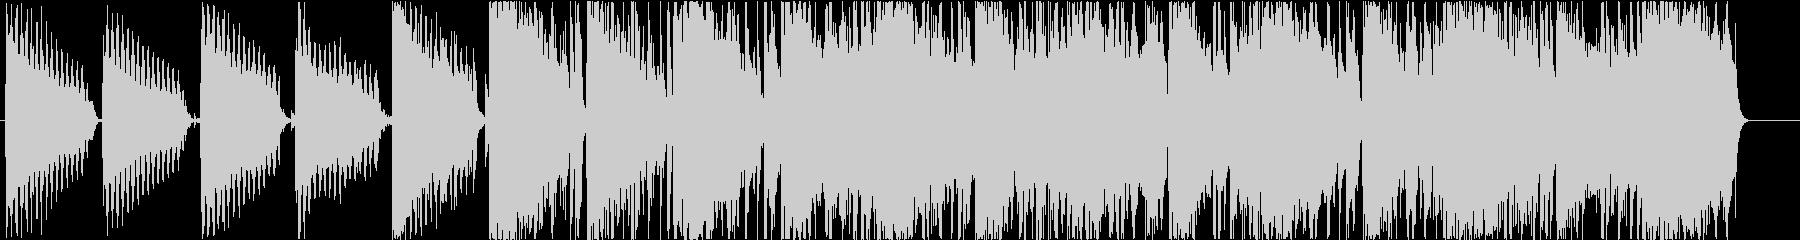 印象のヒップホップBGM#02の未再生の波形